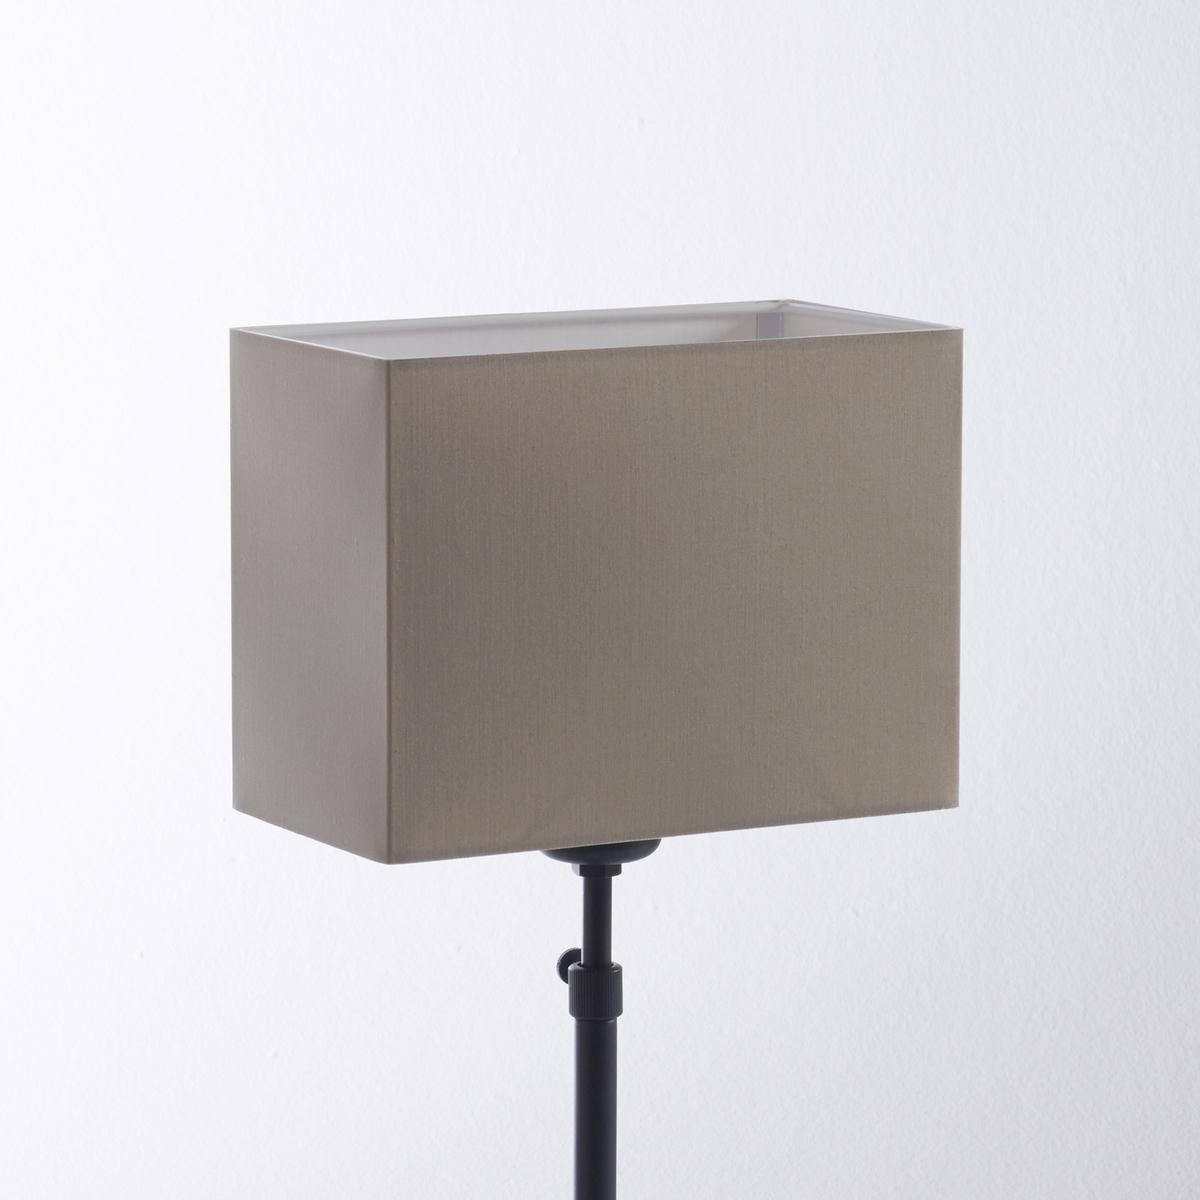 Абажур прямоугольной формы, Sc?narioОписание абажура :Прямоугольная форма..Для патрона E27, лампочка макс. 40В (не входит в комплект).Характеристики абажура :100% хлопок.Размеры абажура :13,5 x 25,5 см .<br><br>Цвет: золотистый,серо-коричневый,серый<br>Размер: единый размер